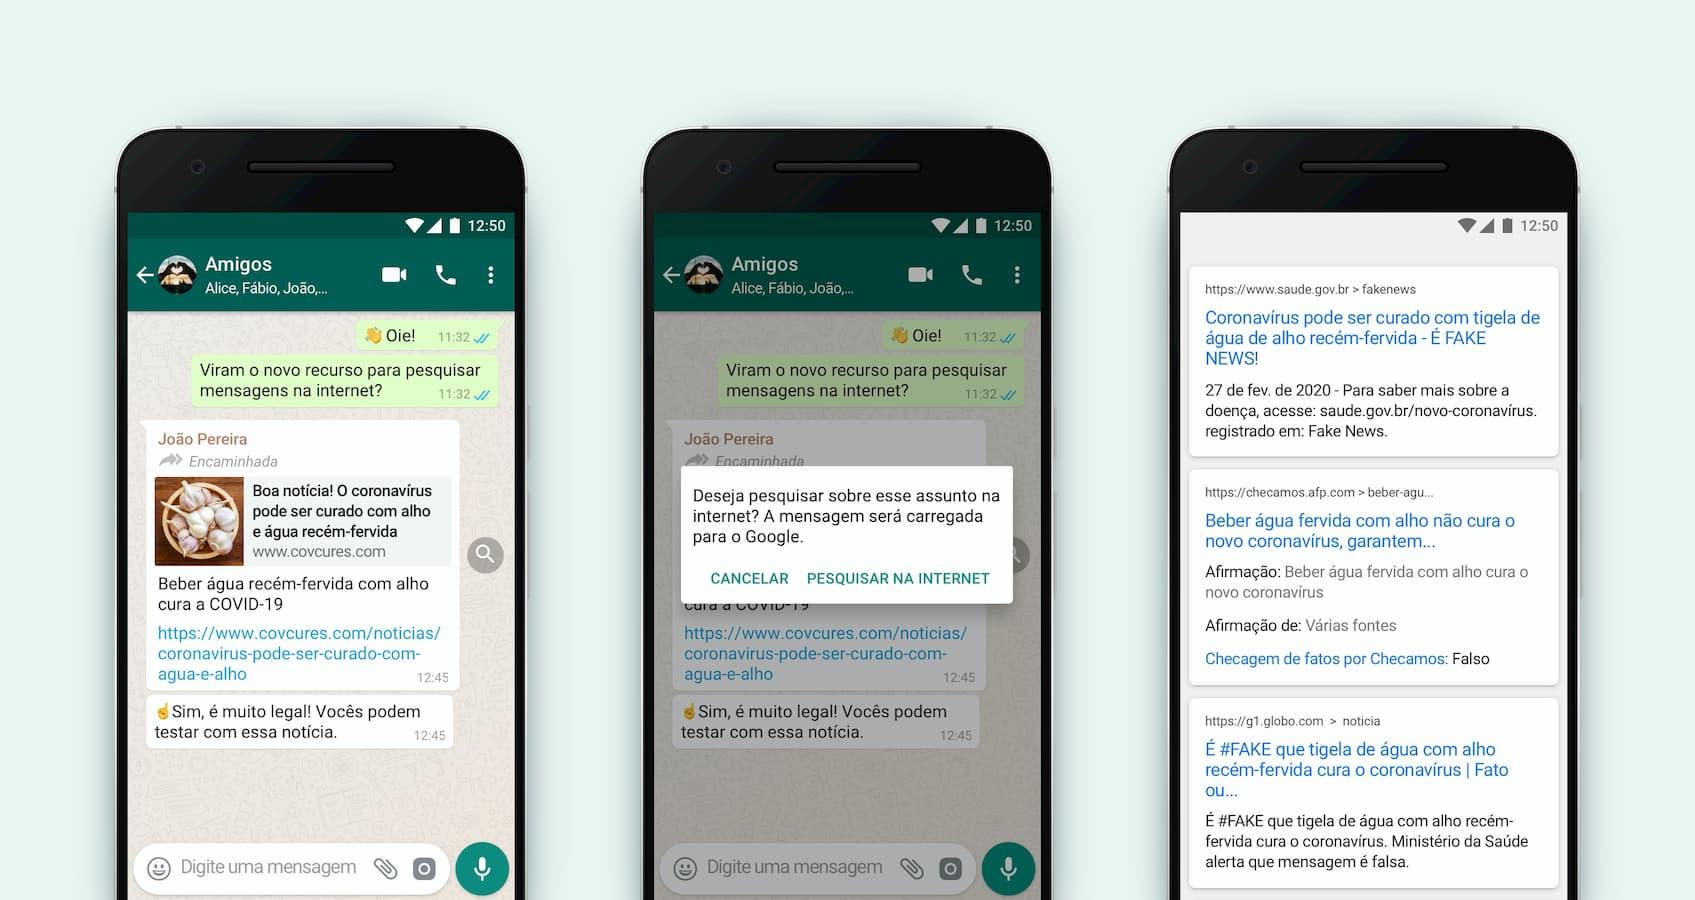 WhatsApp demonstra recurso de pesquisa dentro do aplicativo